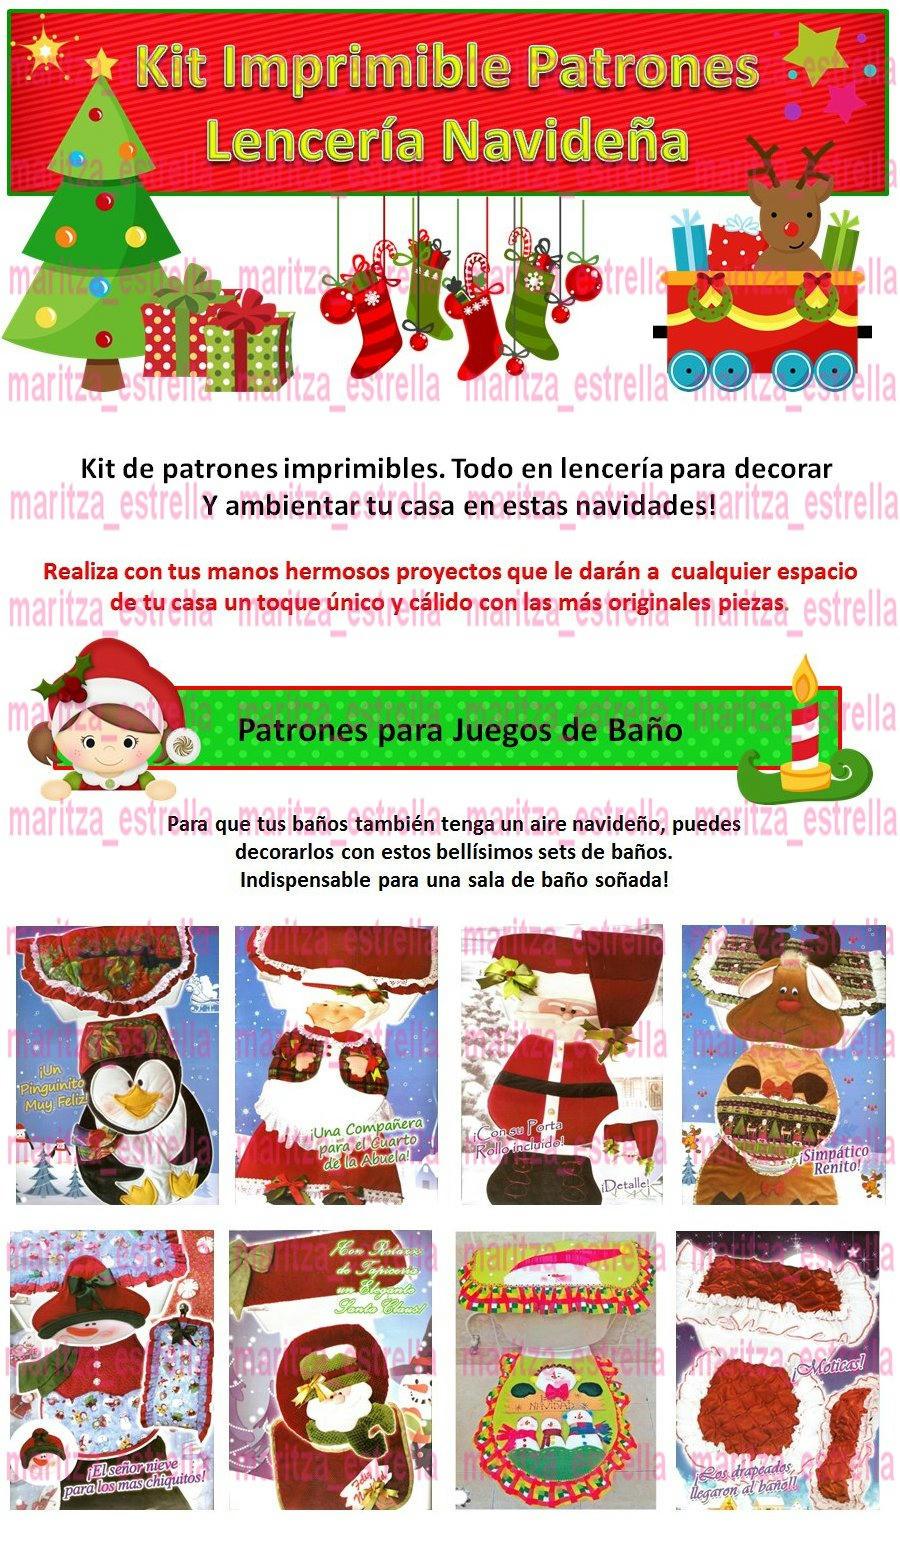 Patrones De Lenceria De Baño De Navidad:Kit Patrones Lenceria Navidad Juegos De Baños Muñecos Arbol BsF980